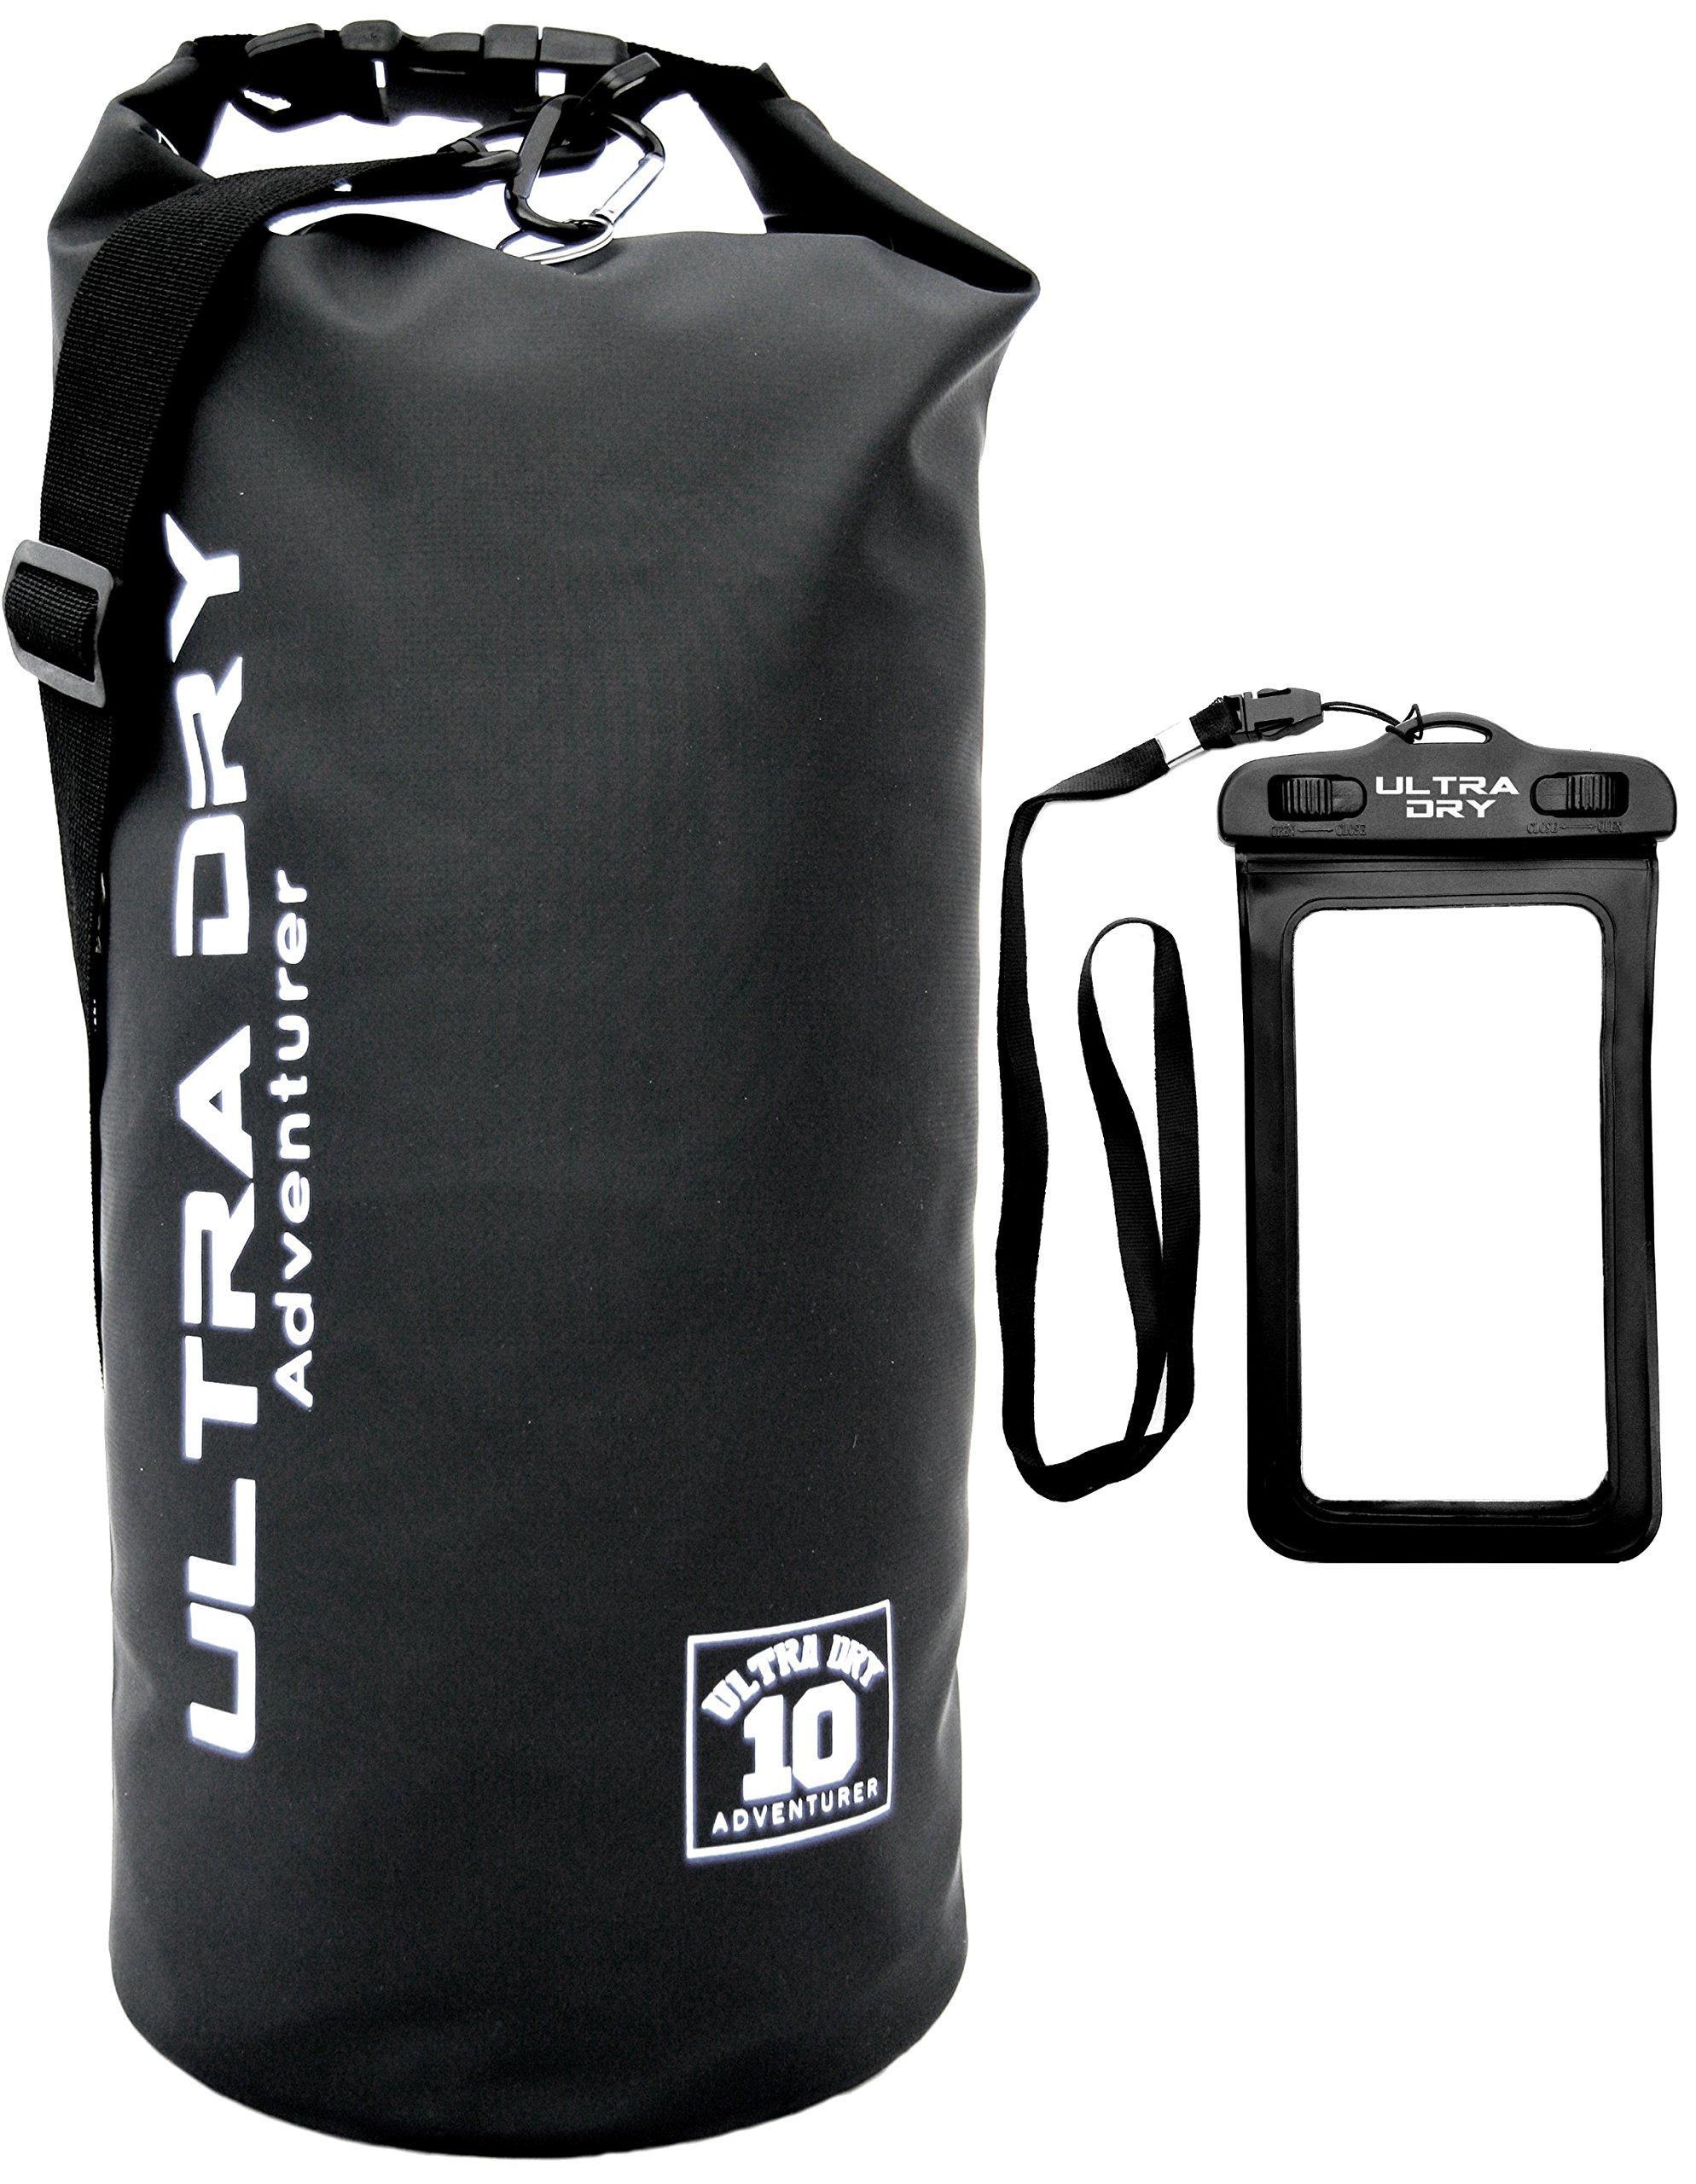 Sac imperméable Ultra Dry, sac pour téléphone et longue sangle réglable  product image 8733afa97f8